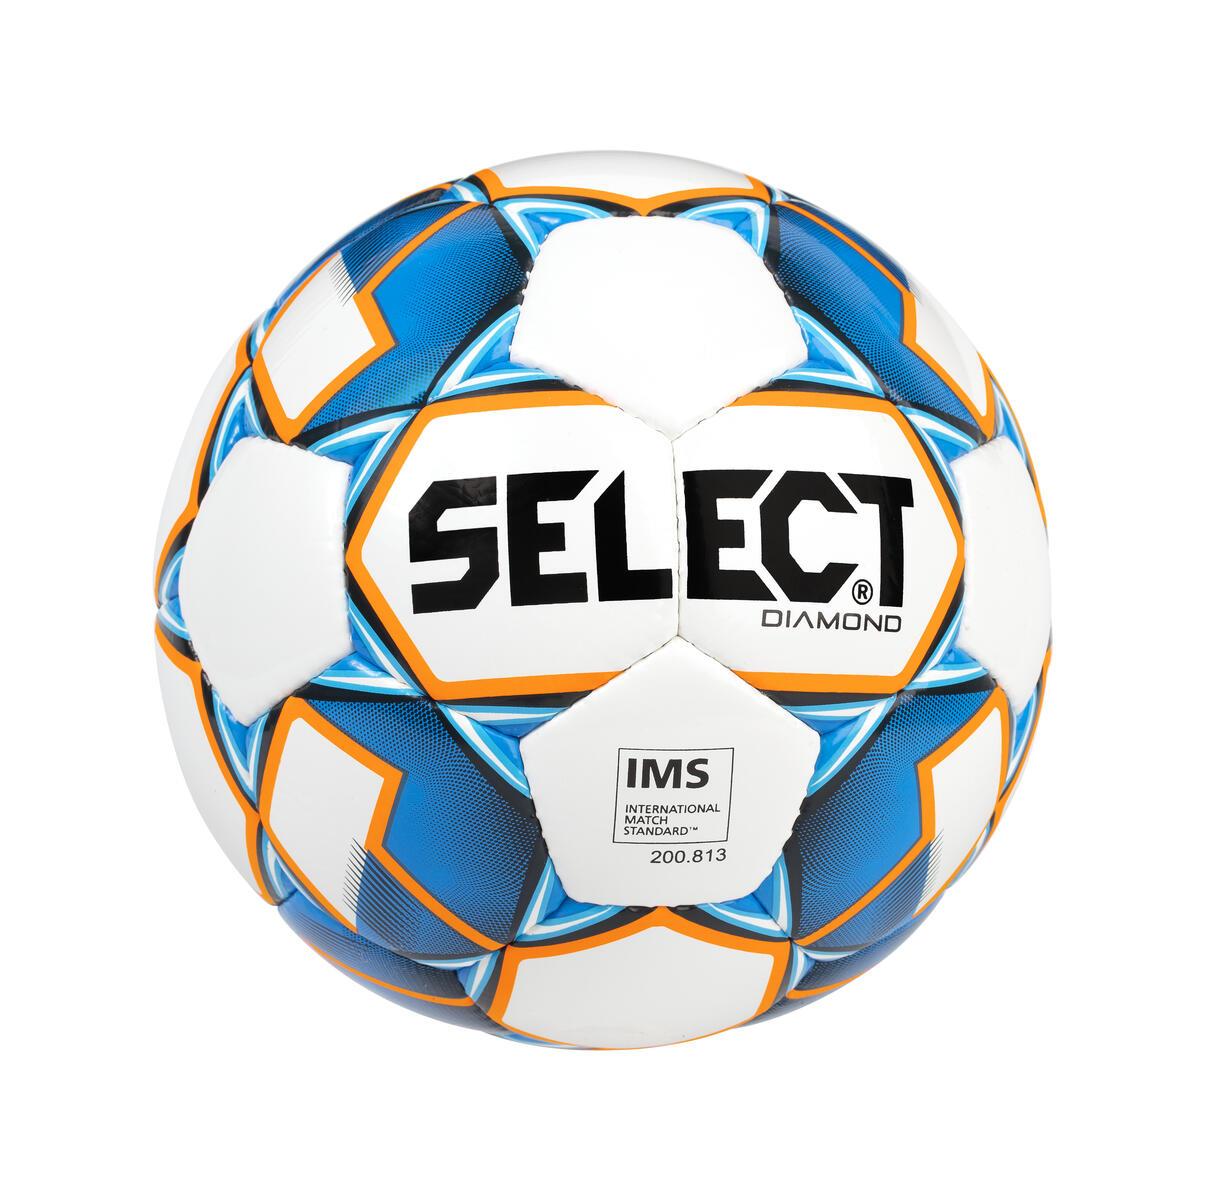 Mitä ottaa huomioon jalkapallon valinnassa?